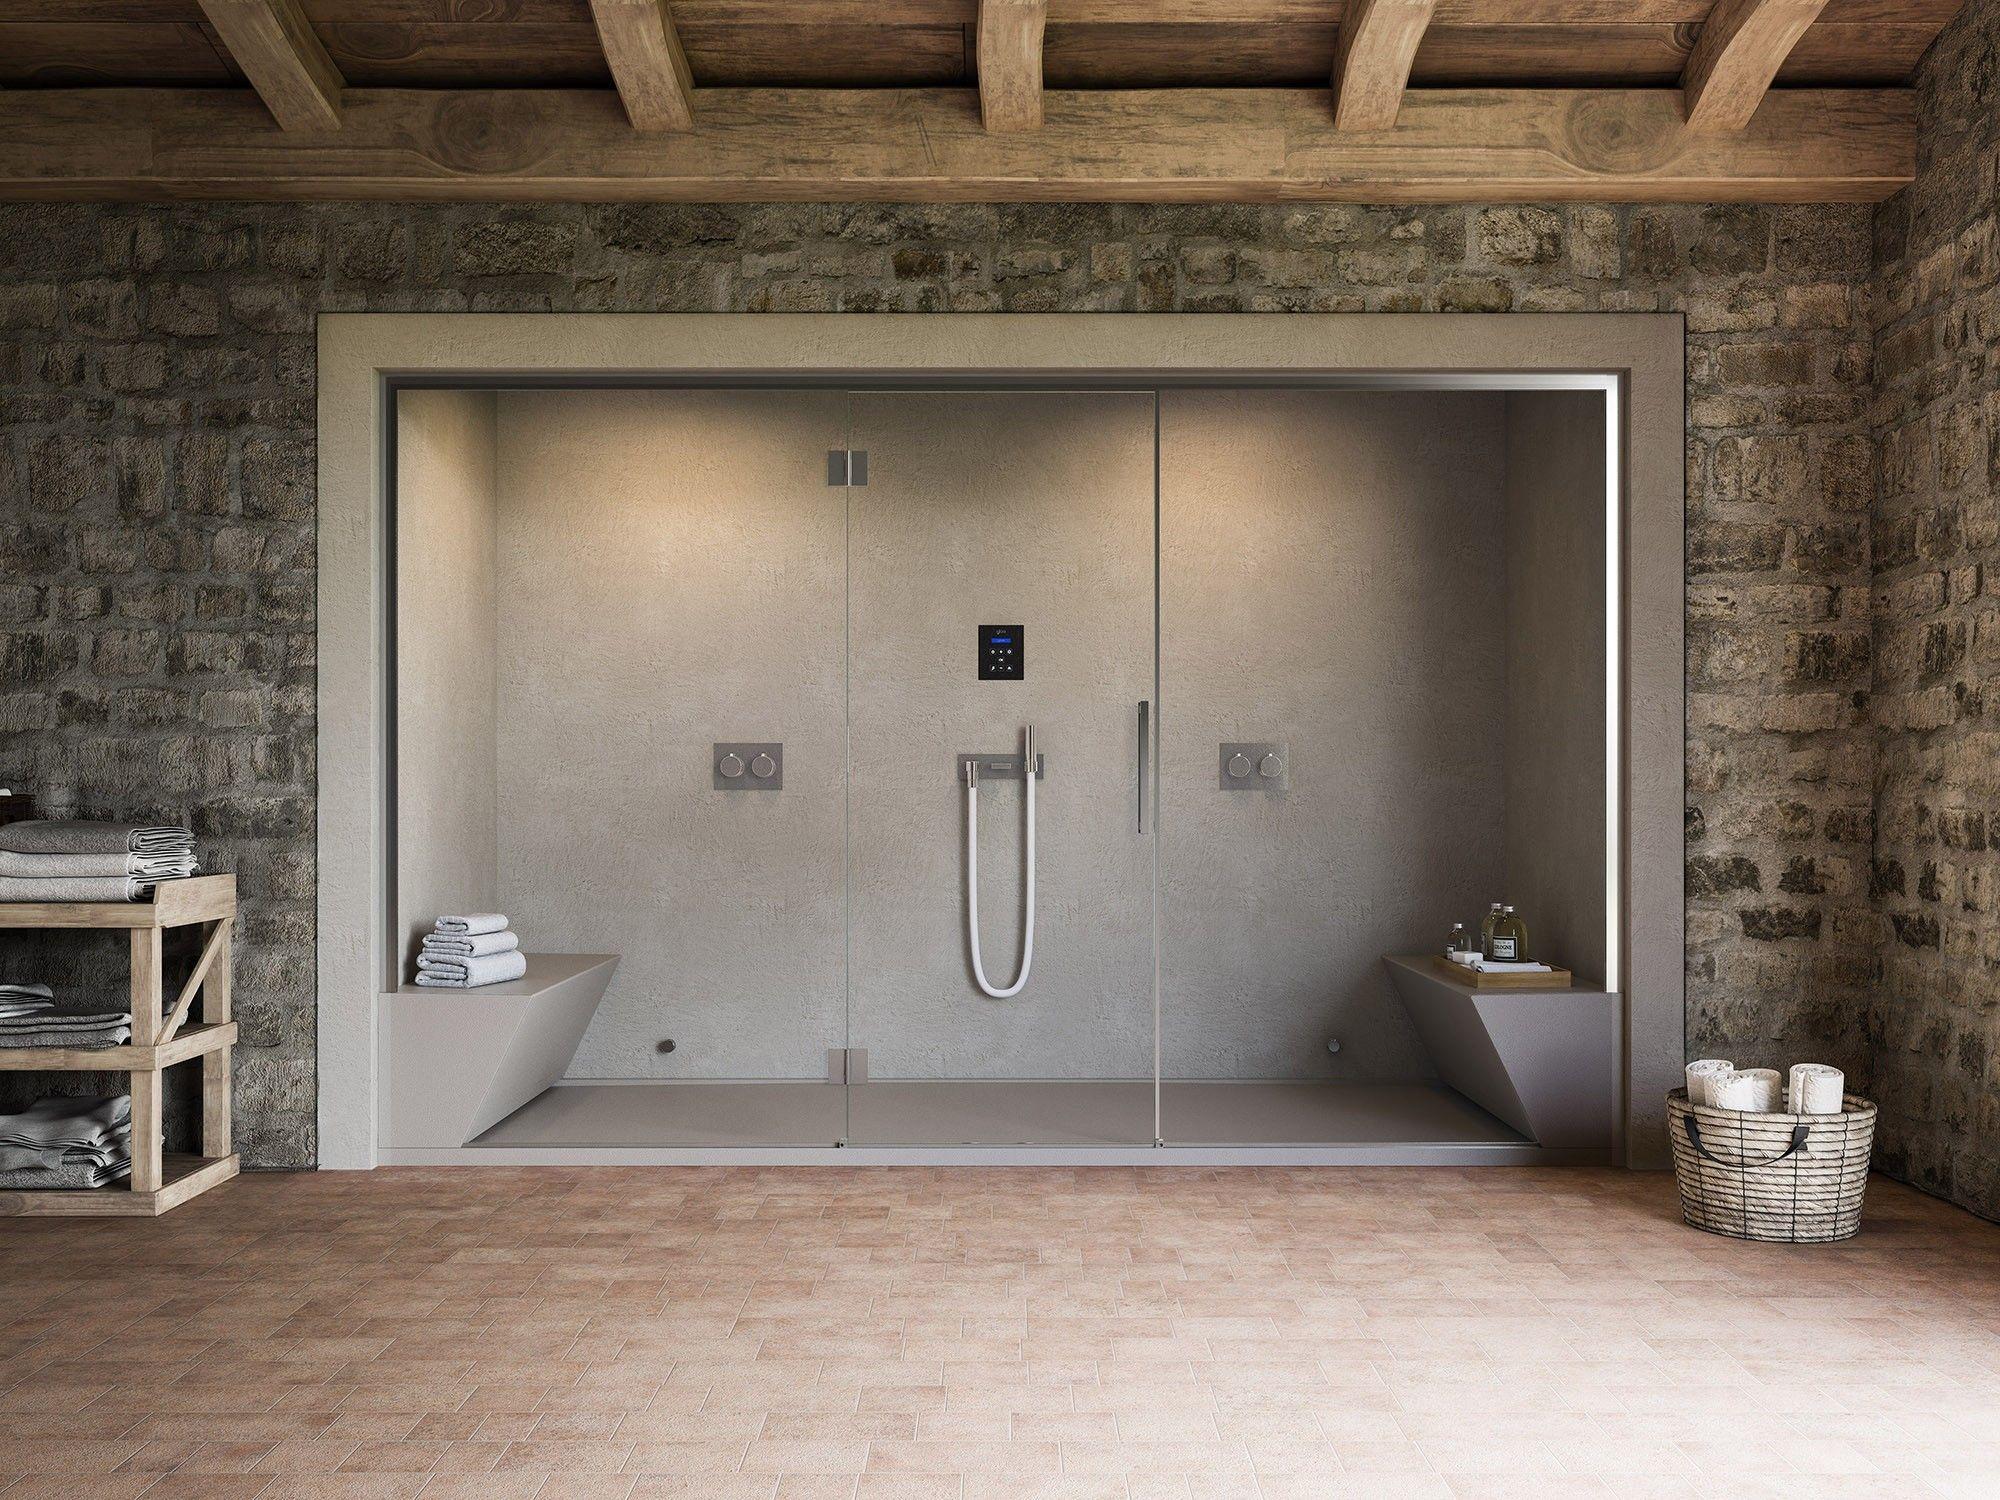 Full Size of Begehbare Duschen Bringen Ein Besonderes Spa Feeling Schulte Werksverkauf Moderne Sprinz Kaufen Bodengleiche Hüppe Dusche Ohne Tür Hsk Fliesen Breuer Dusche Begehbare Duschen